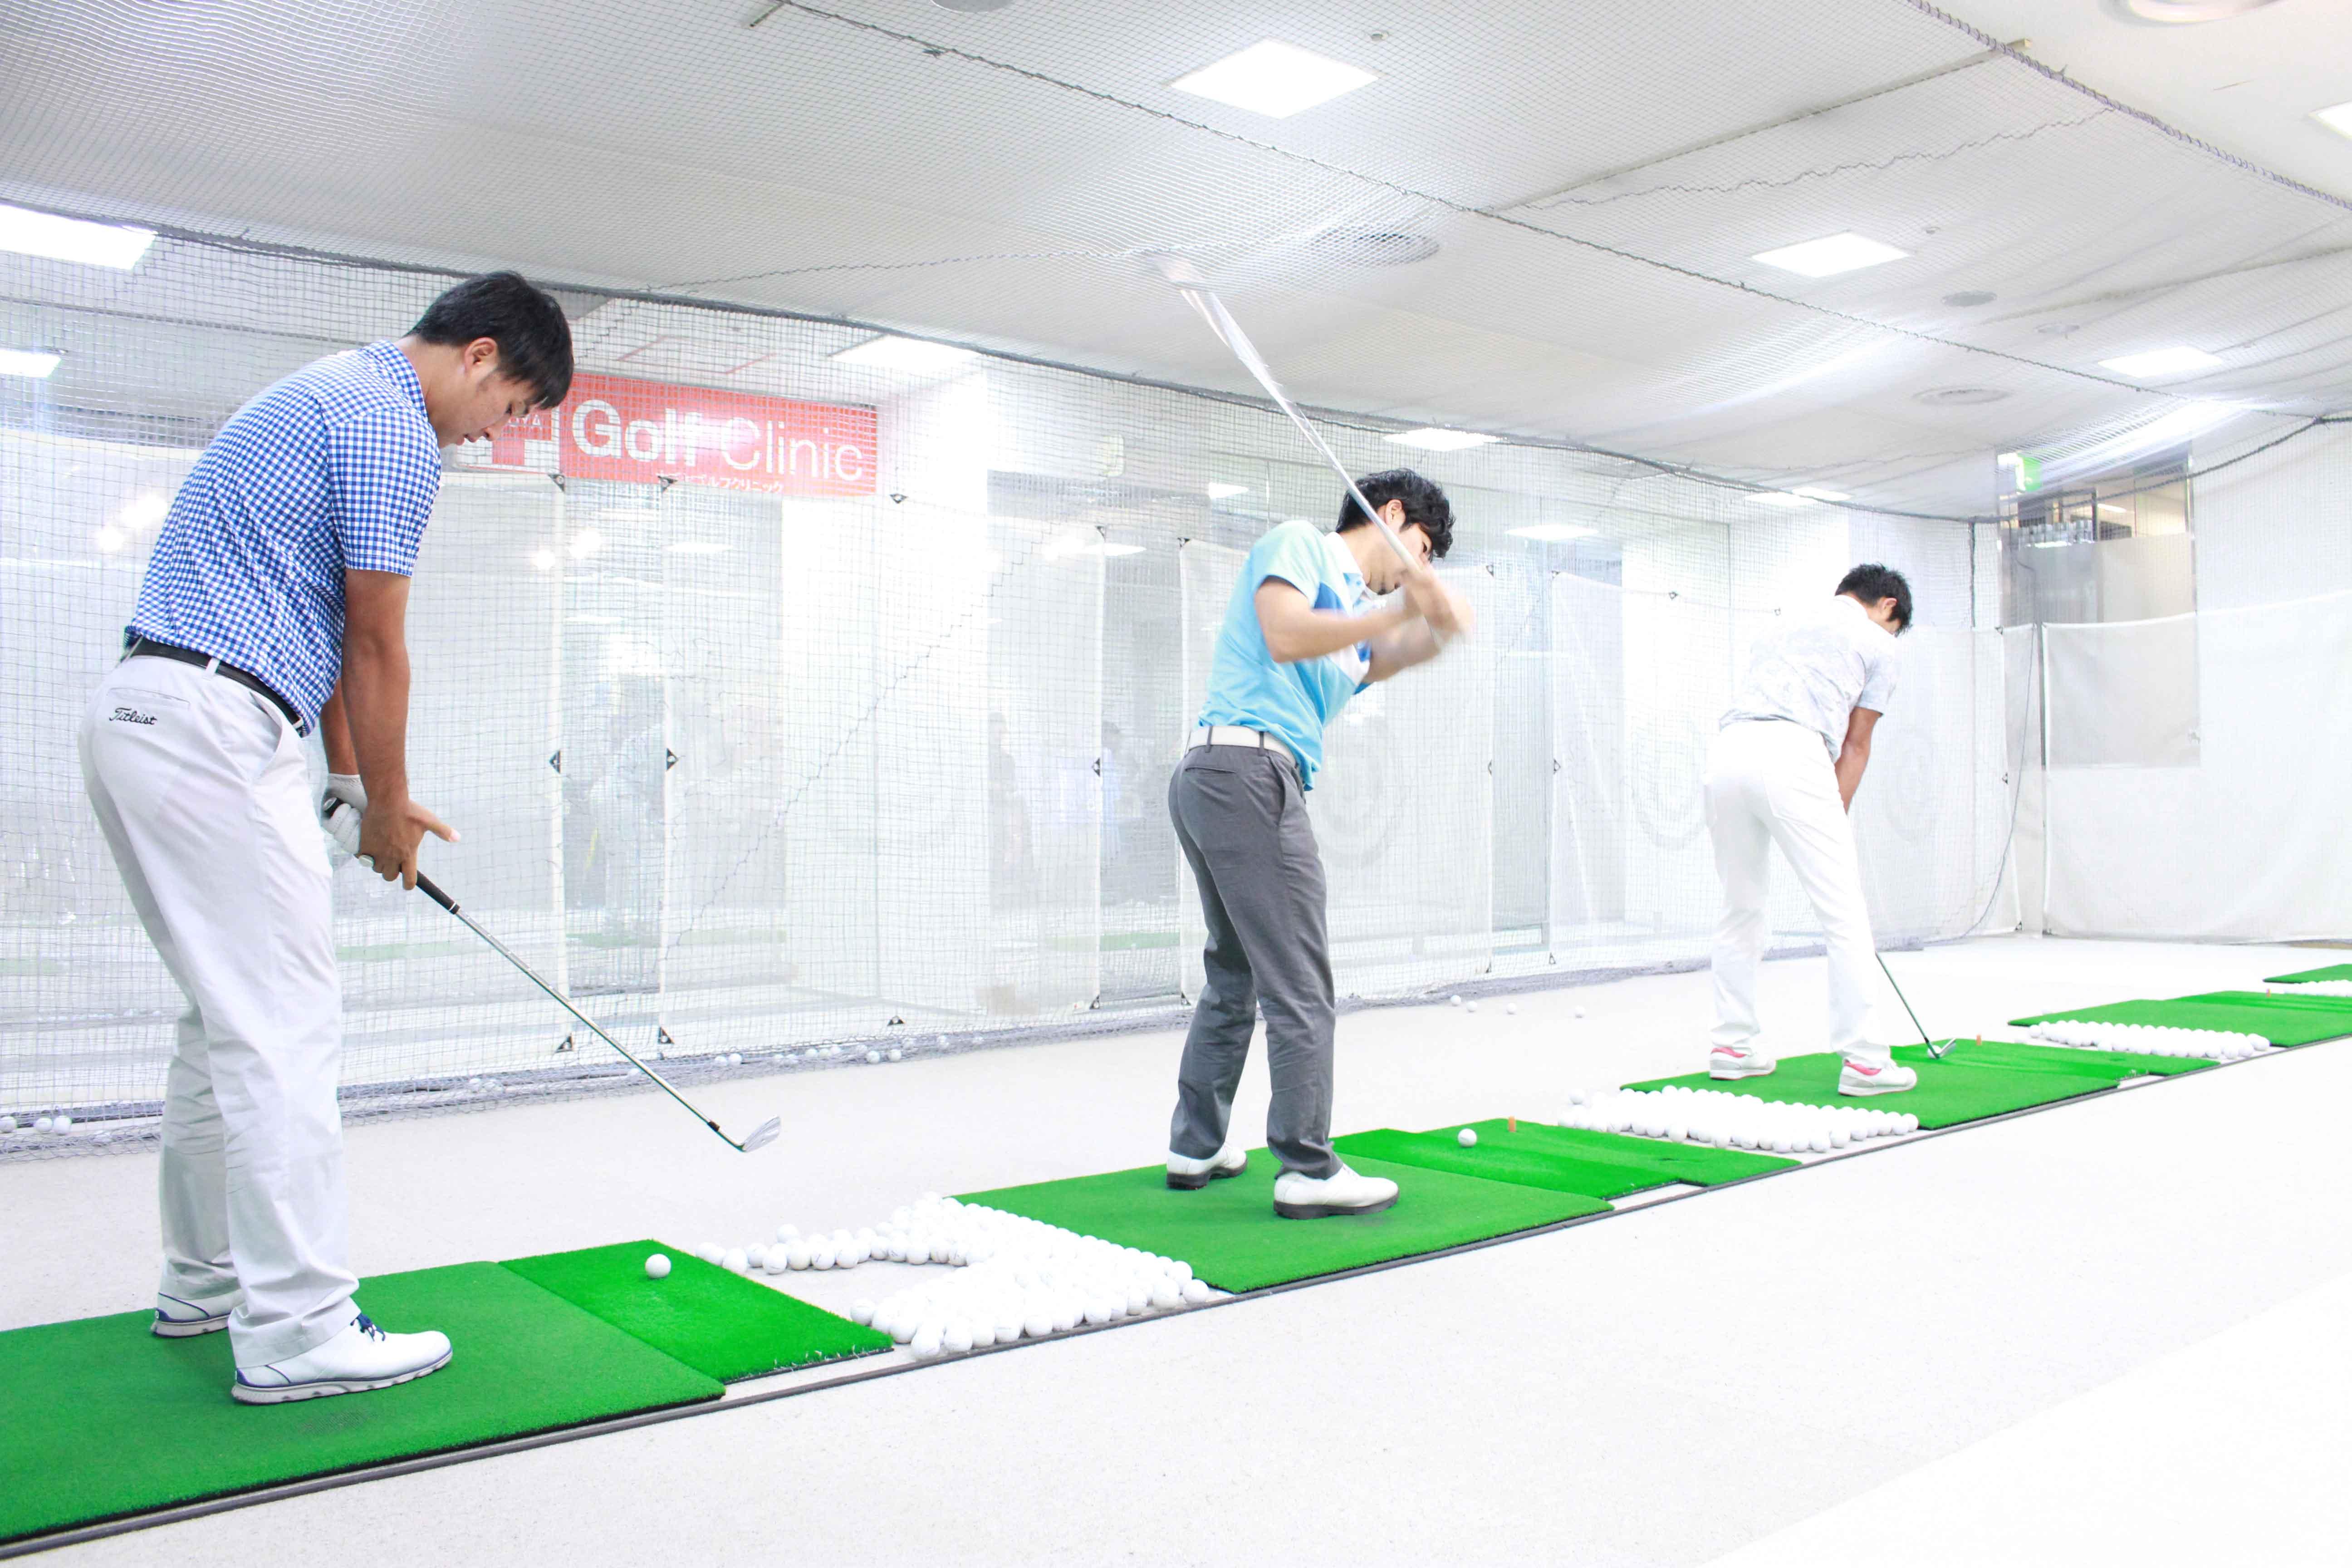 ゴルフクリニック名古屋